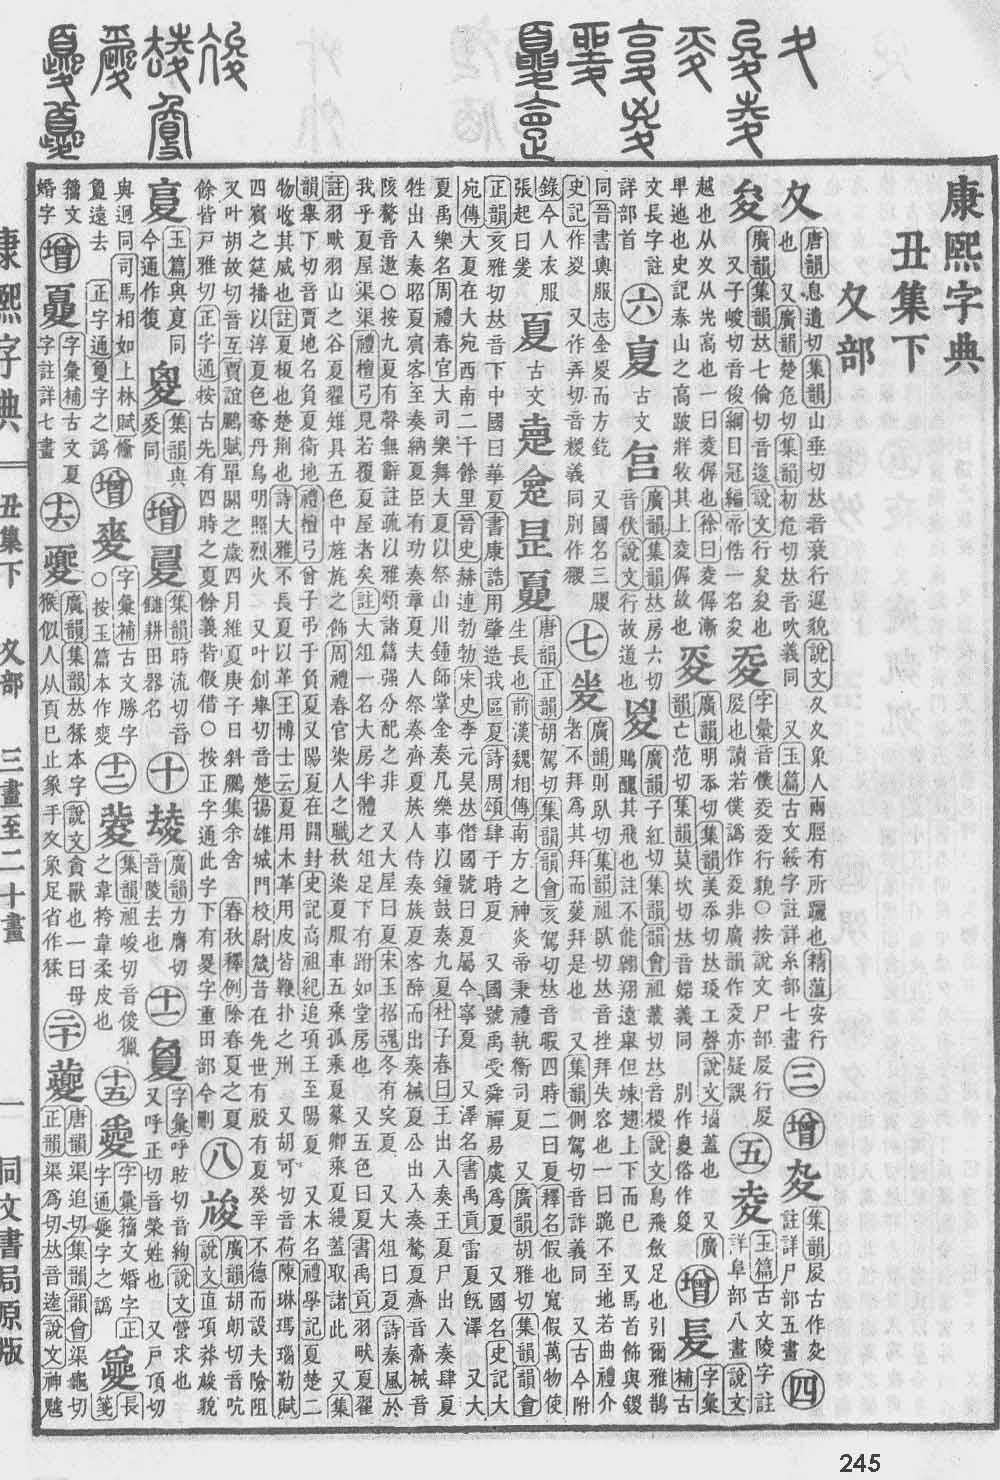 《康熙字典》第245页